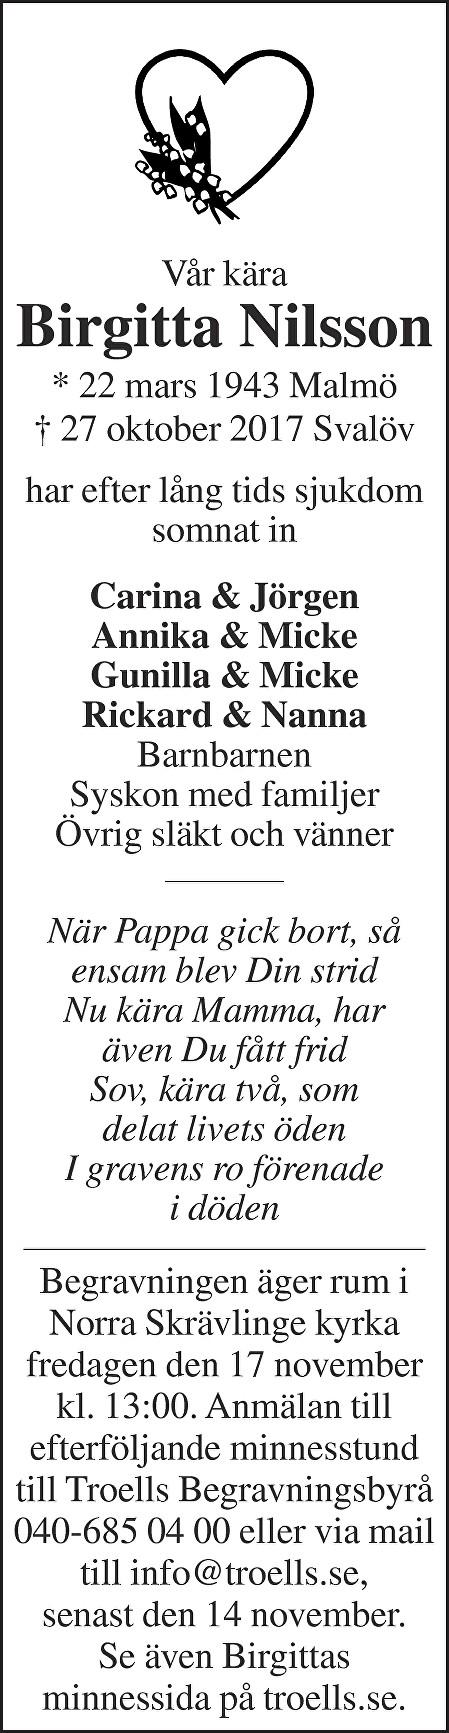 Birgitta Nilsson Death notice